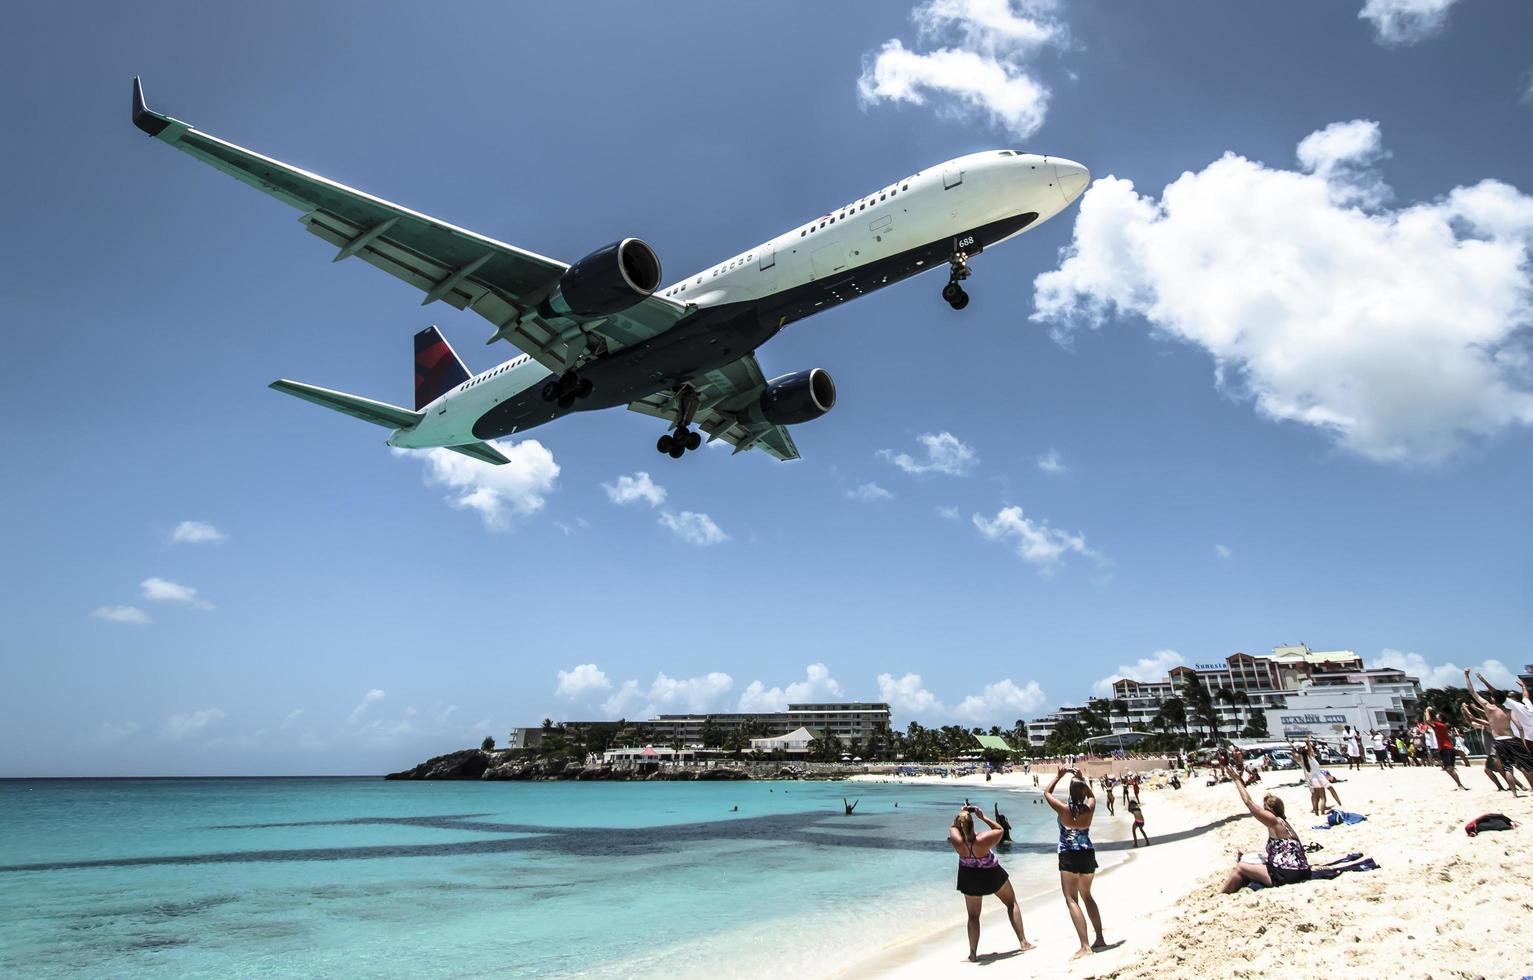 st. Martin, 2013 - i turisti affollano la spiaggia di Maho mentre un aereo a bassa quota si avvicina alla pista sopra il litorale foto